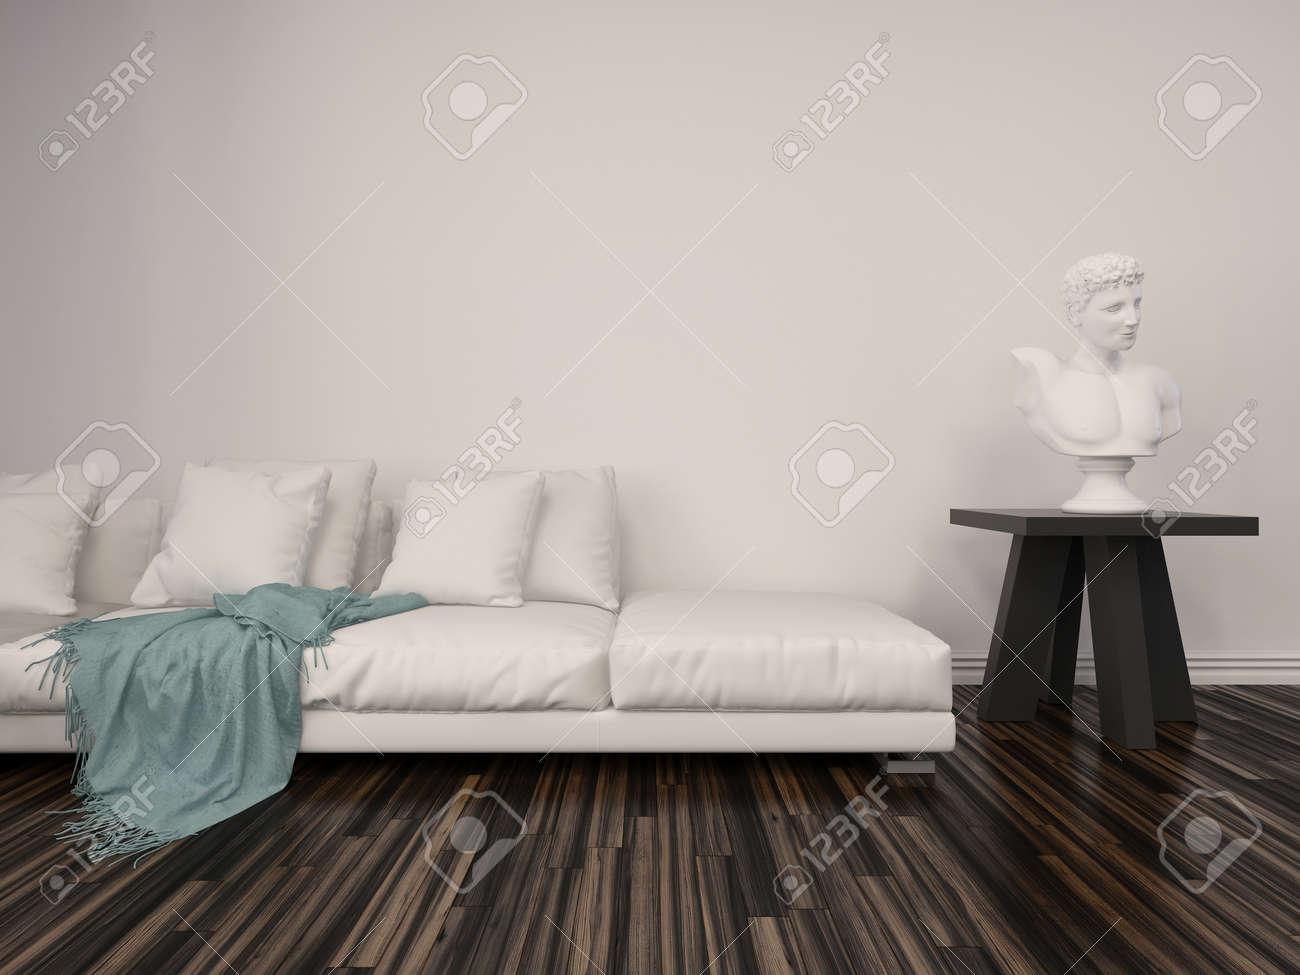 Interieur In Een Klassieke Woonkamer Met Een Wit Marmeren Buste Op ...